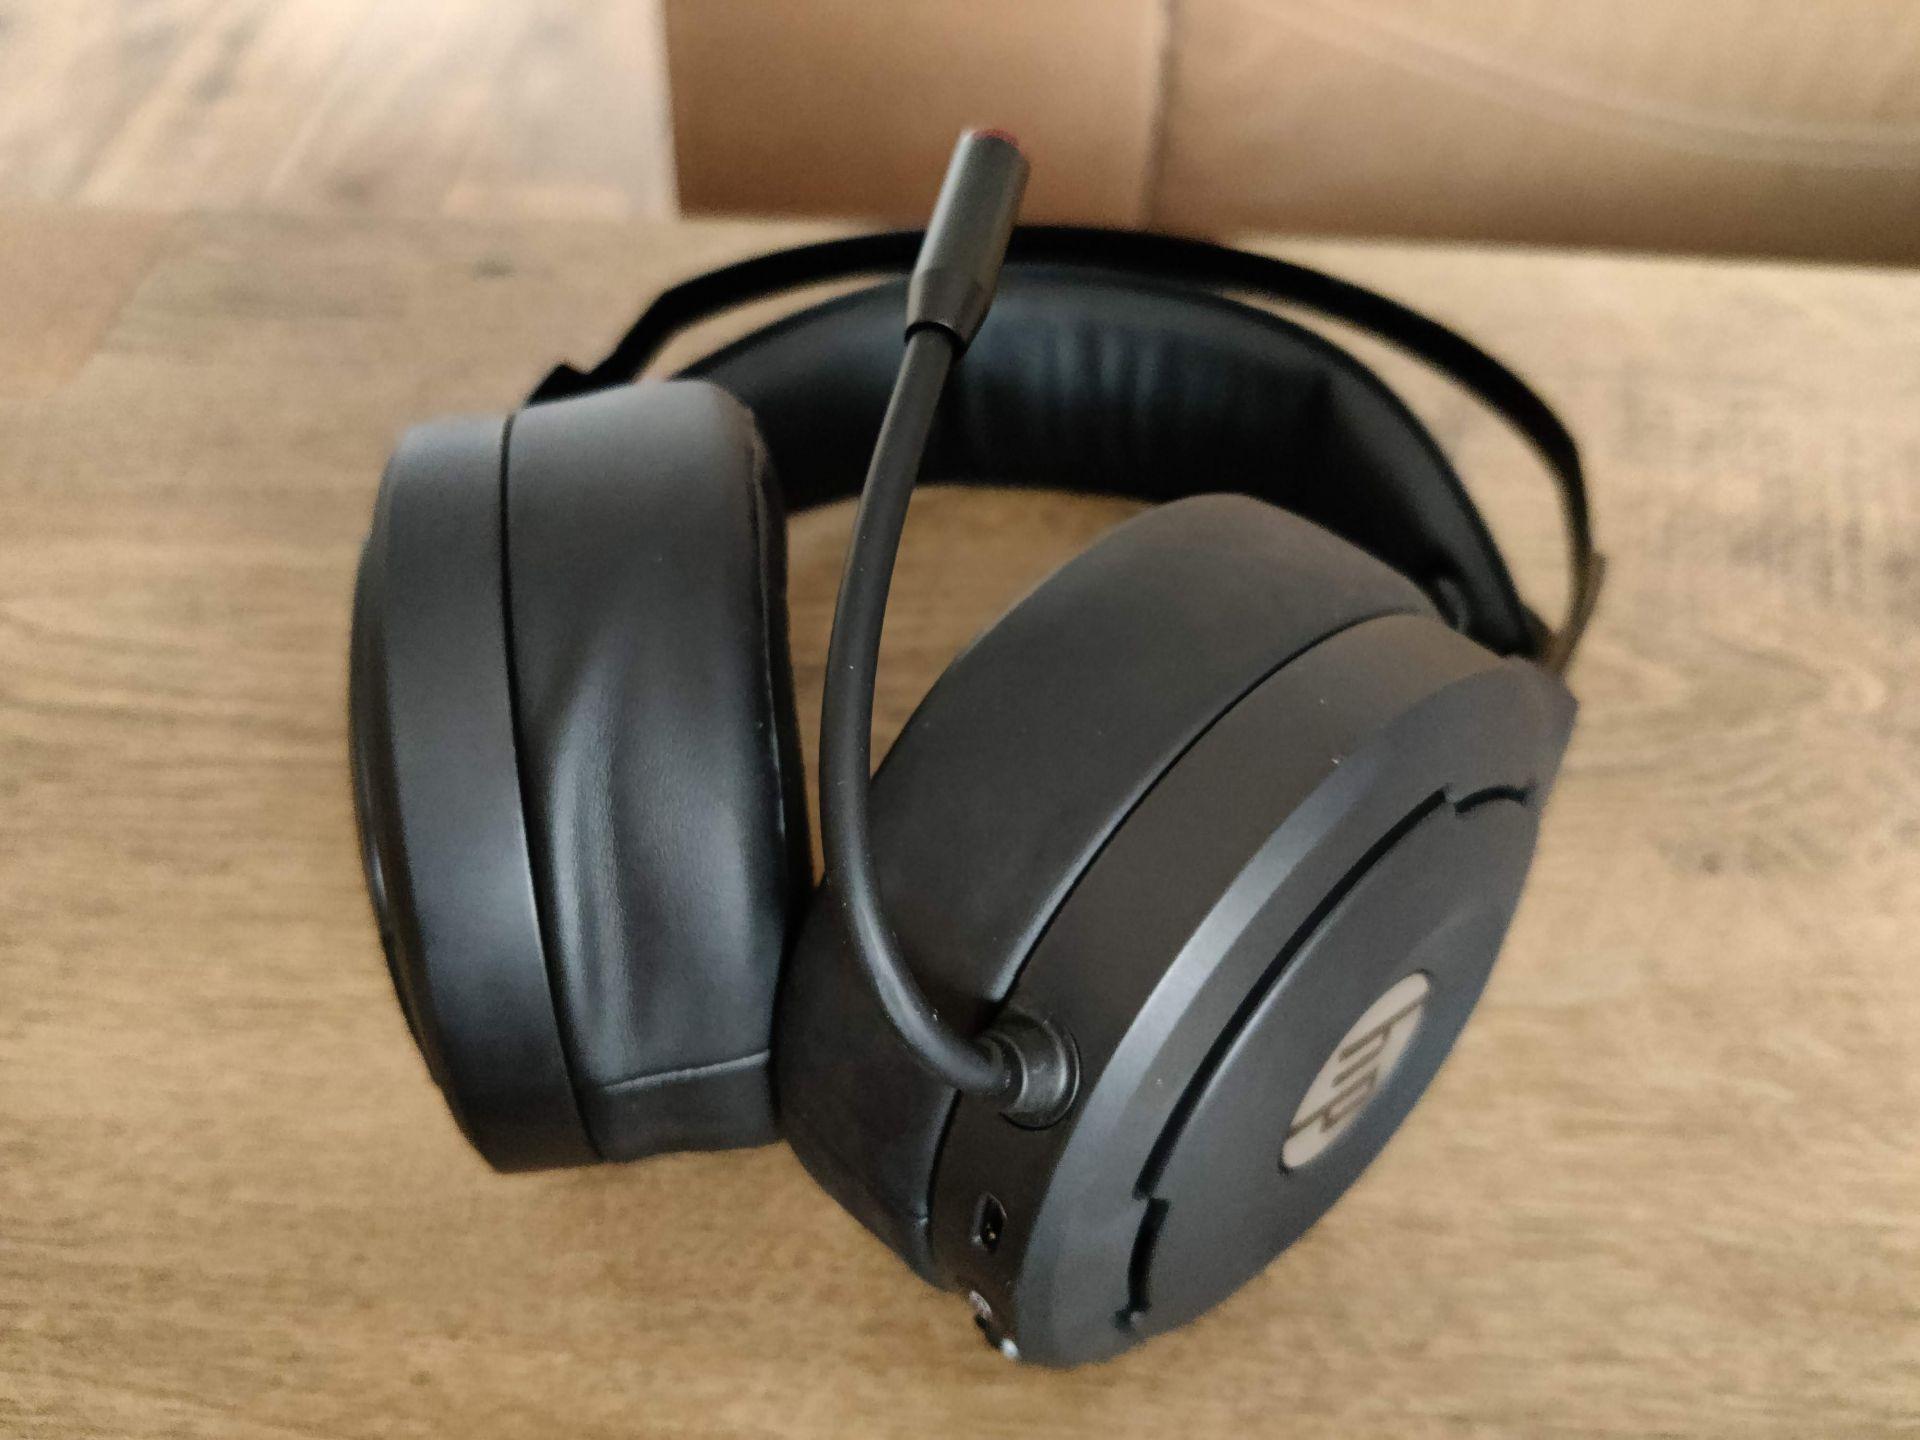 Headset působí velmi robustním dojmem